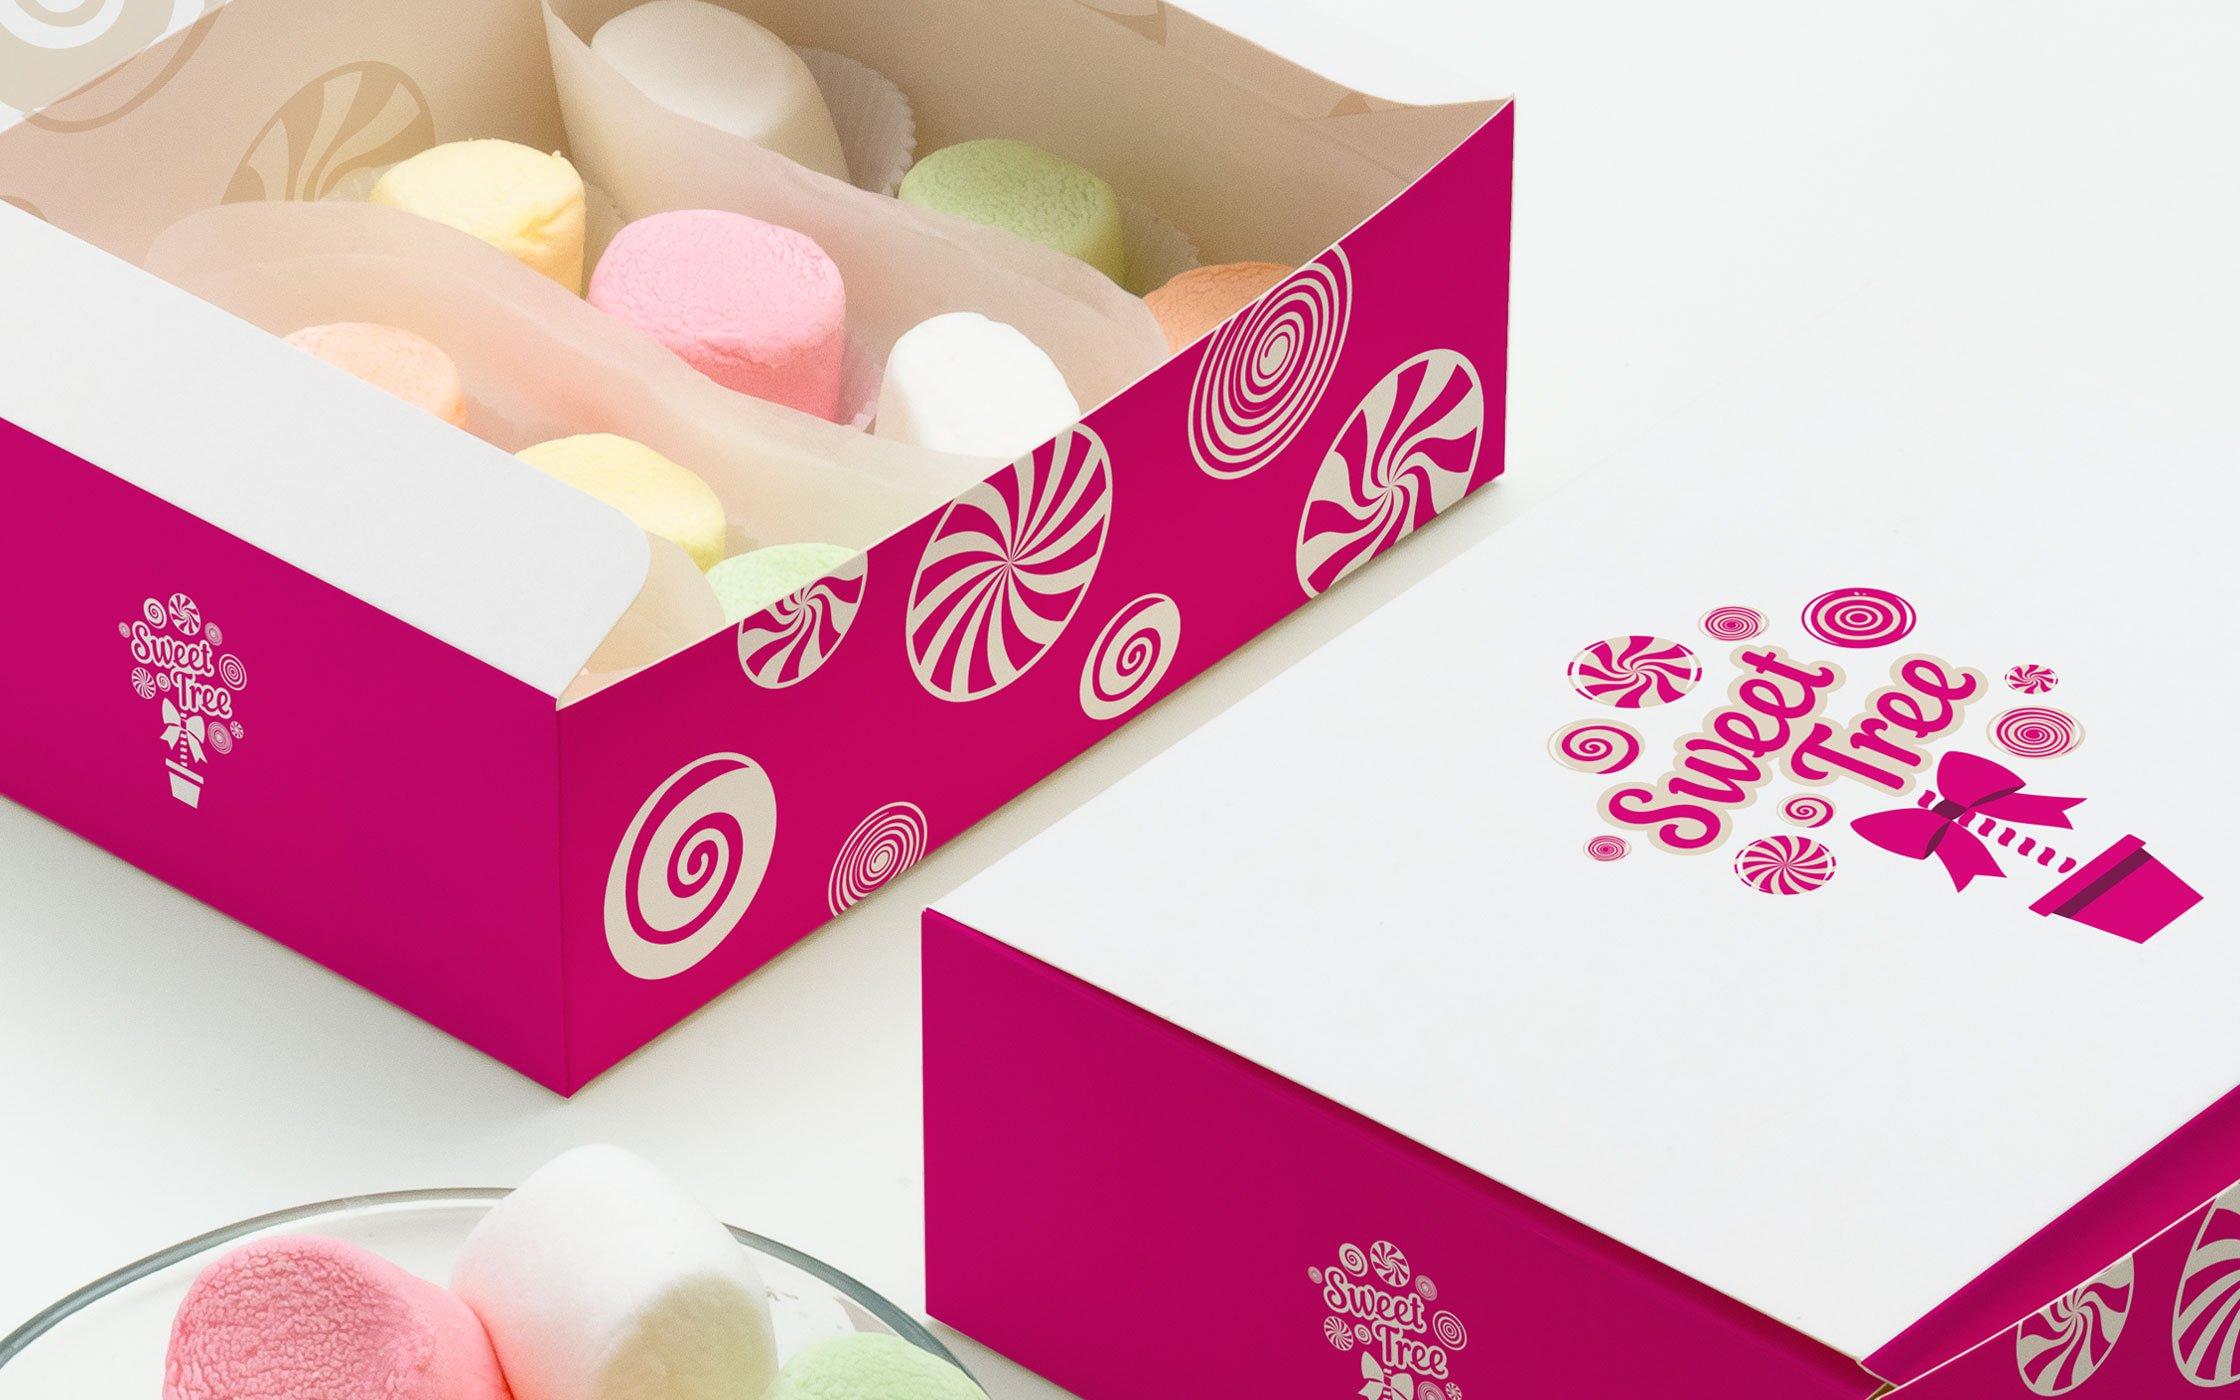 Sweet Tree packaging